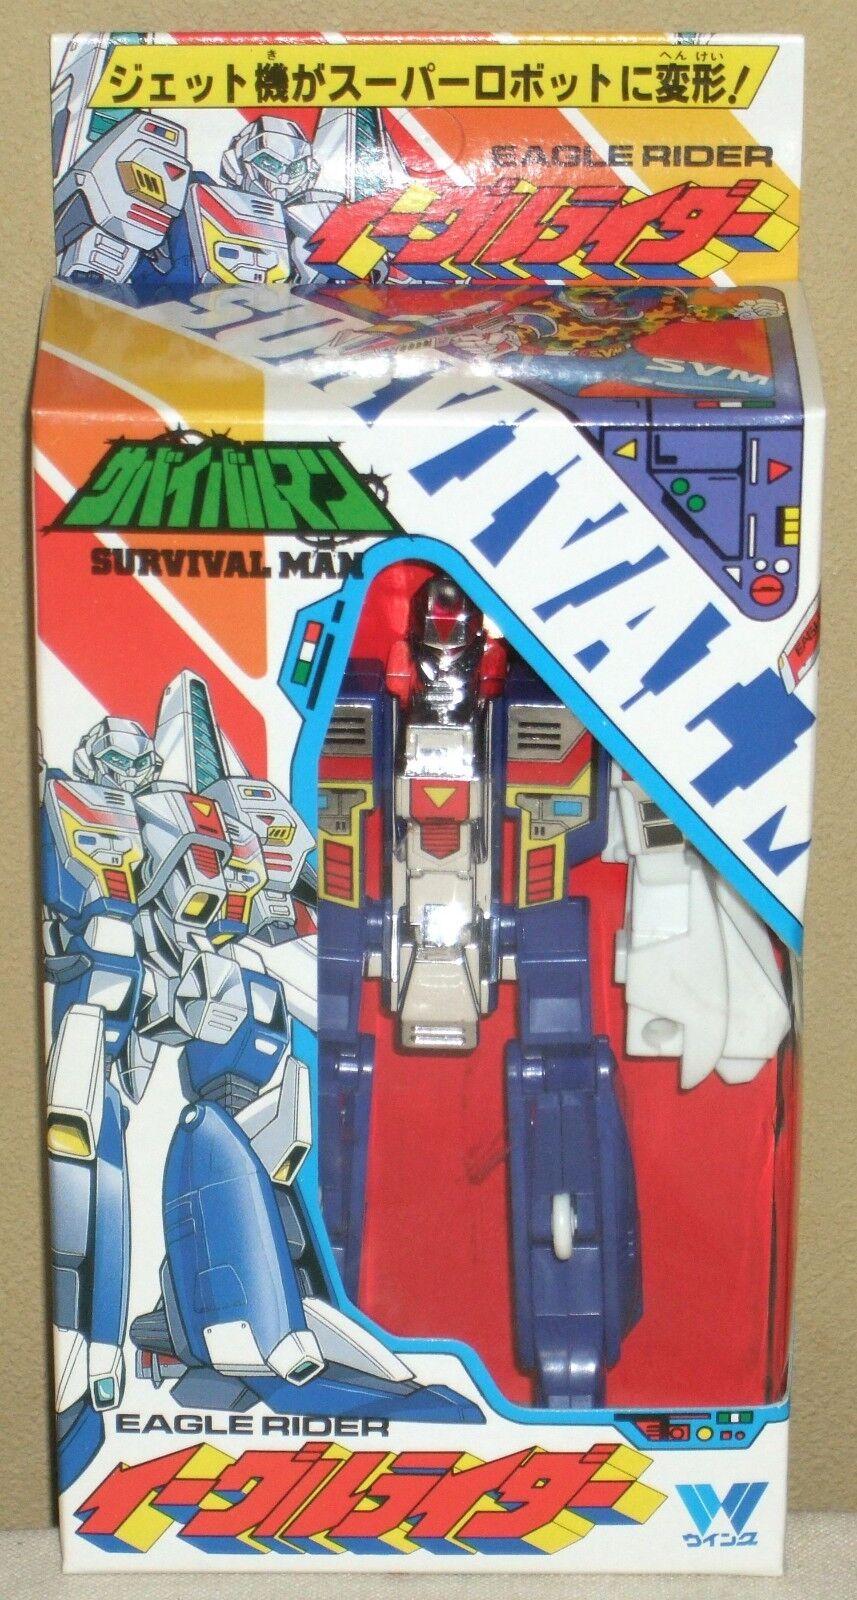 Survival Man Eagle Rider Robo Transformers 5.7  14.5cm Figures Dolls Wing NIB